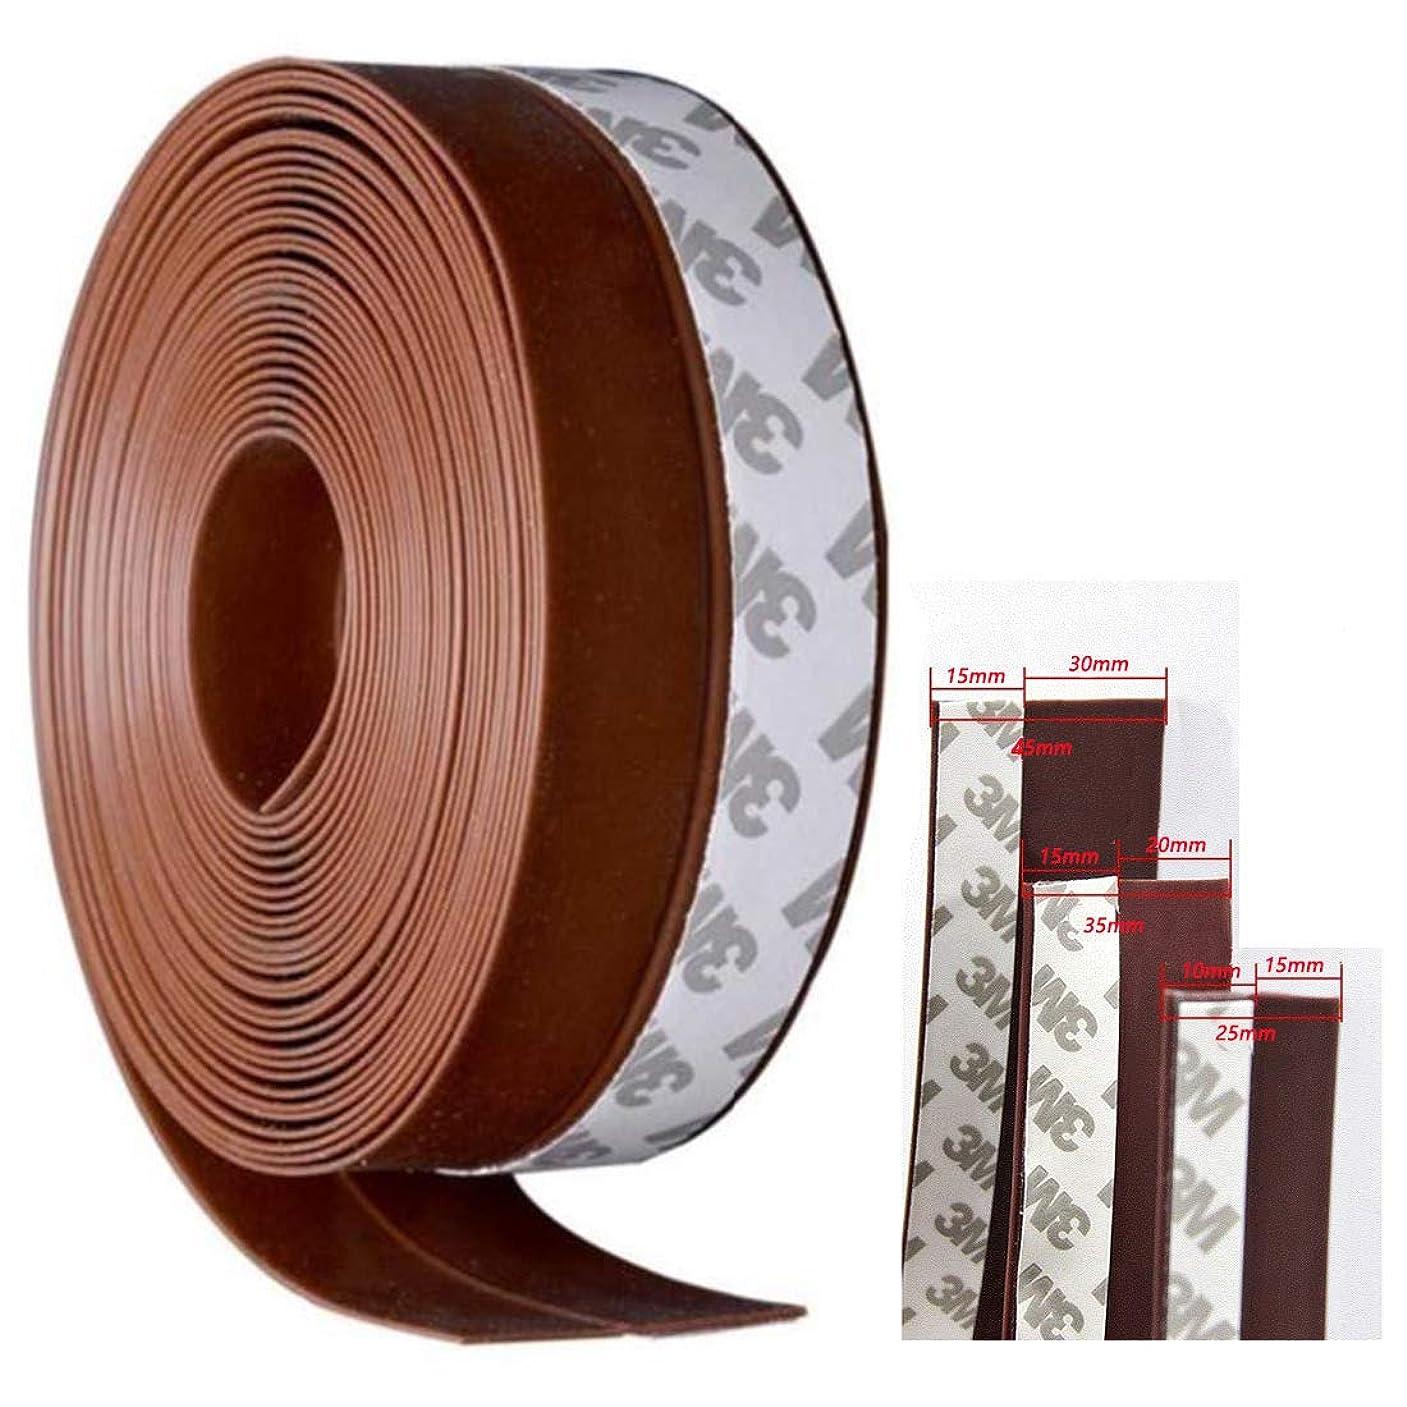 レース見通し擬人化風防止テープ 隙間テープ 補修テープ 自動ドア サッシ防風 防寒 冷暖房効率アップ 騒音対策 ホコリ侵入防止 窓枠 シール 扉の隙間 ドア下部シールテープ (ブラウン, 4.5cmx10m)